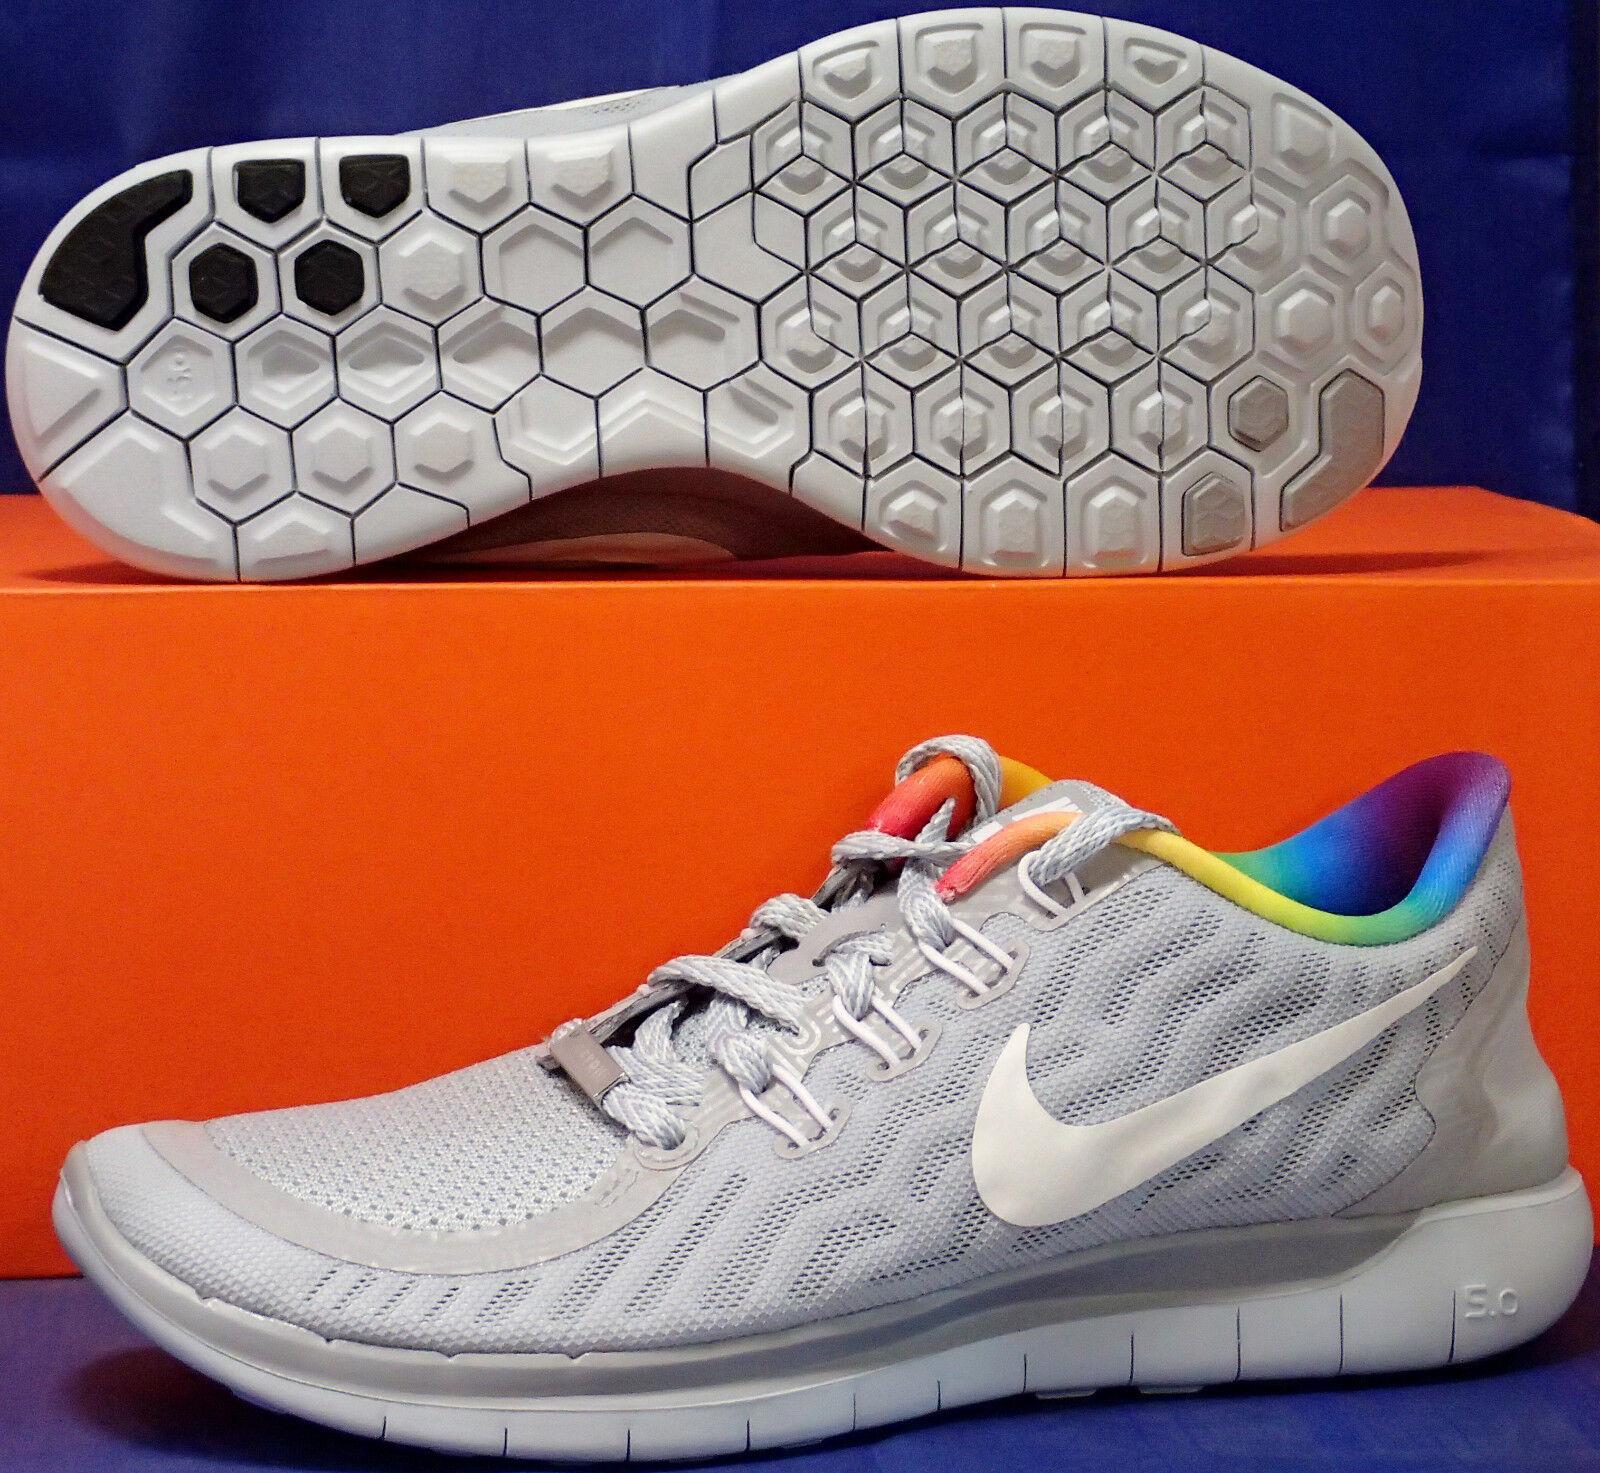 femmes True Nike Free 5.0 Be True femmes Rainbow LGBT BT SZ 6.5 ( 745383-001 ) 67b58c